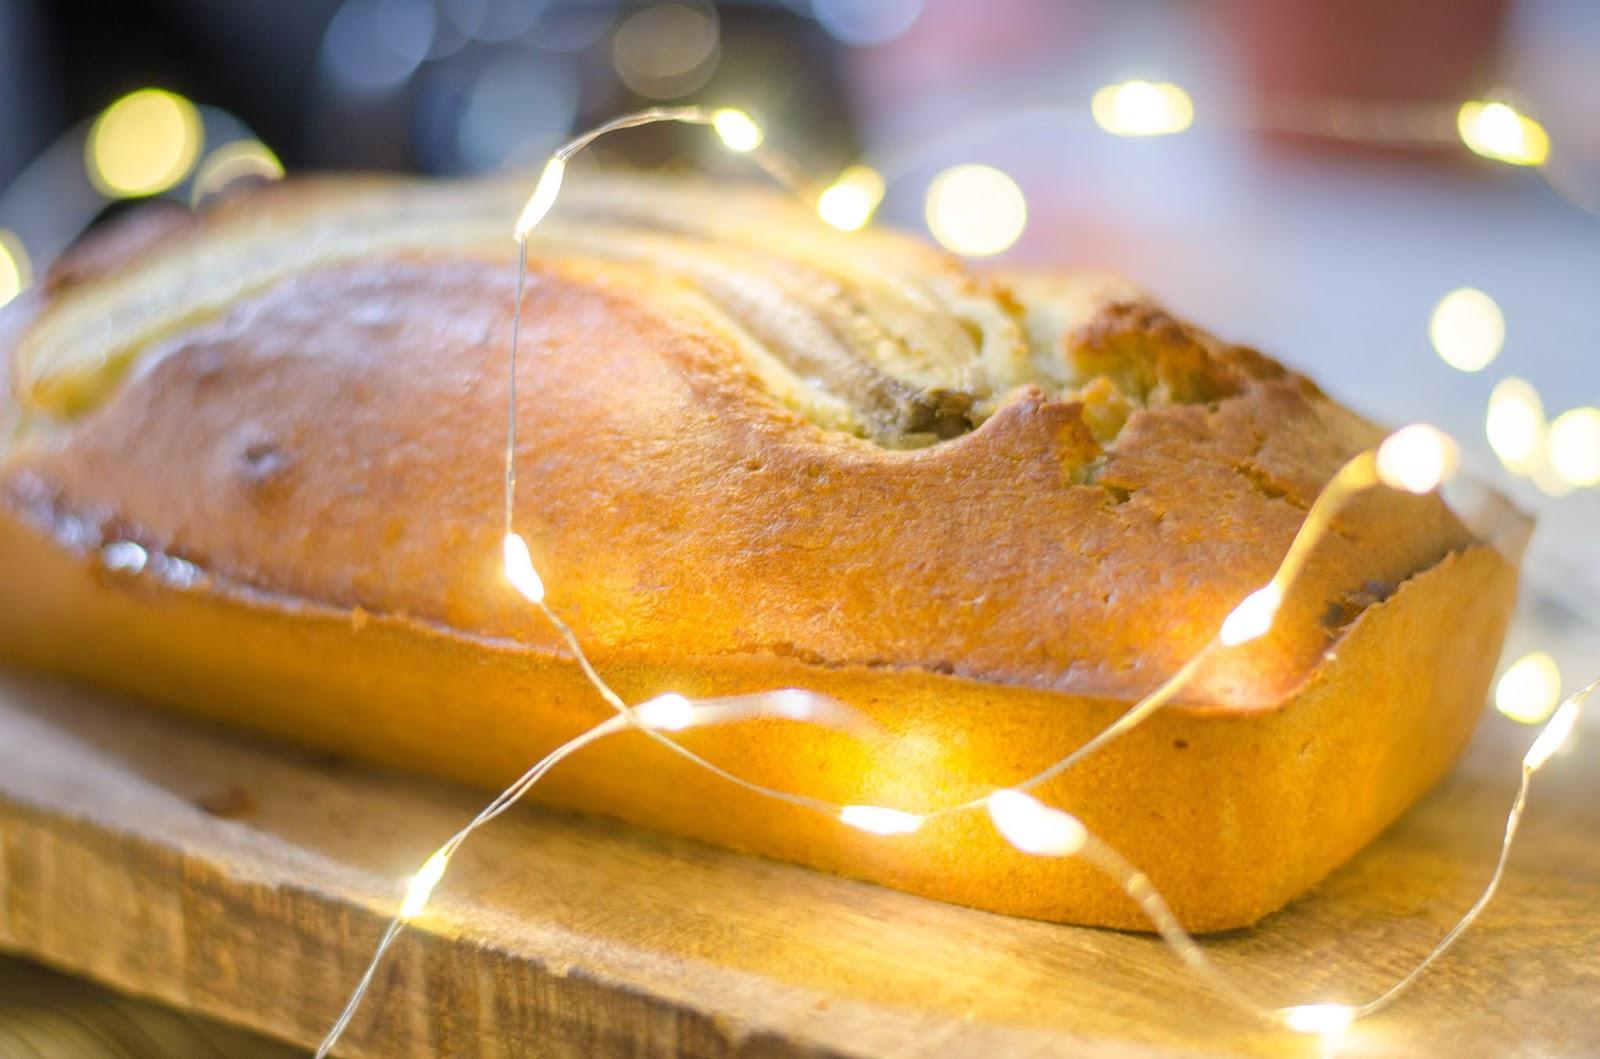 recette banana bread facile blog mode beaute lifestyle lyon mllexceline